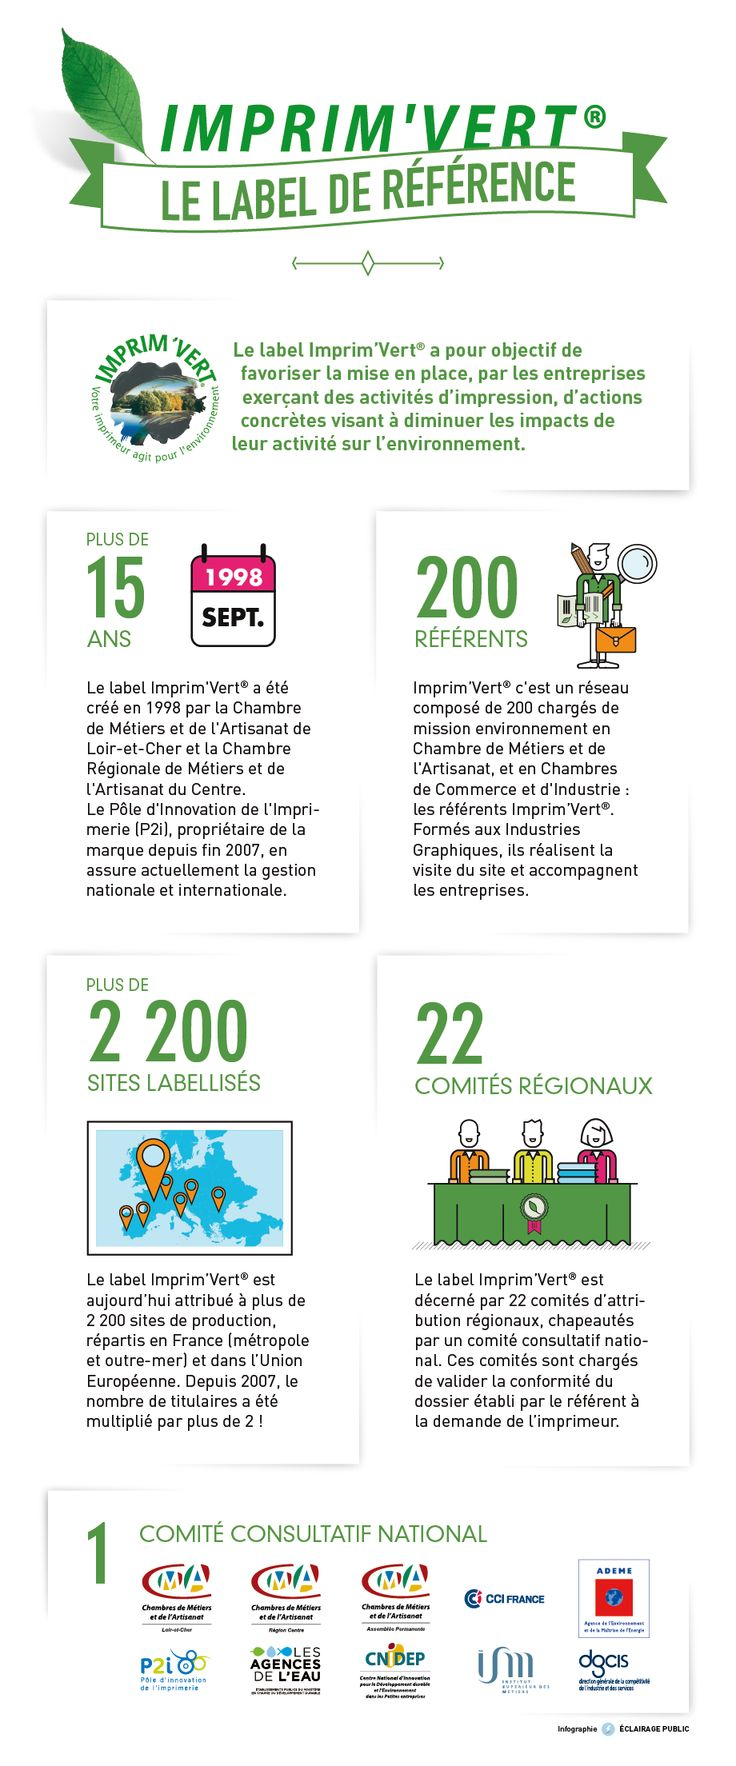 [Infographie] Imprim'Vert - Le label de référence - © ÉCLAIRAGE PUBLIC